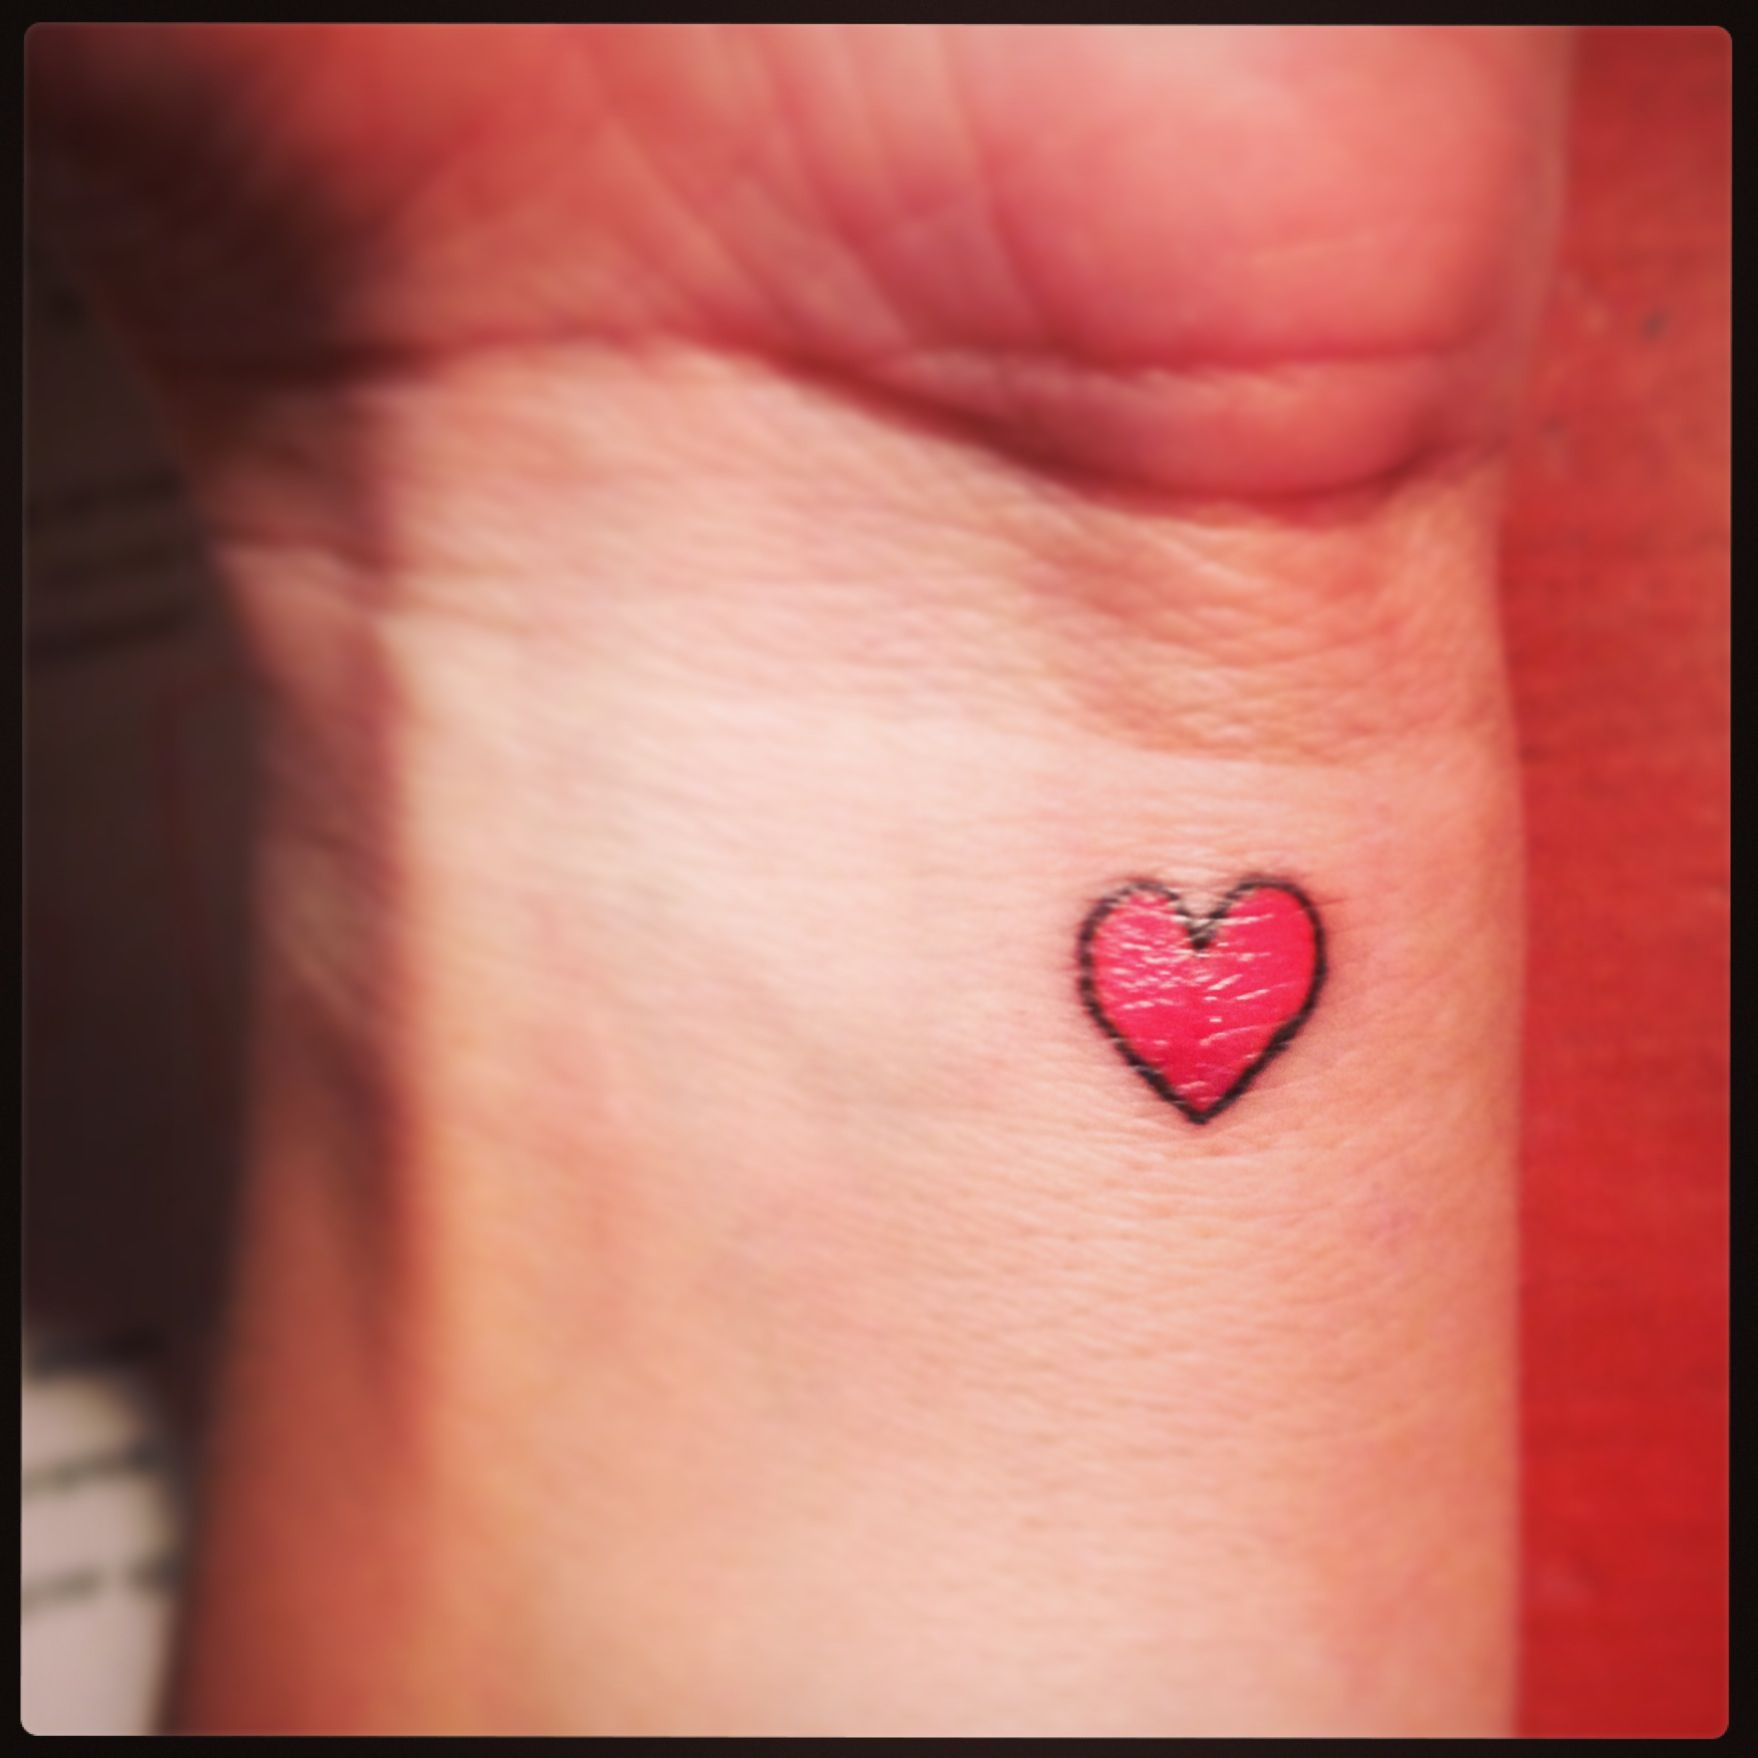 Cutest Tattoos Ever Heart Tattoo Wrist Red Heart Tattoos Tiny Heart Tattoos